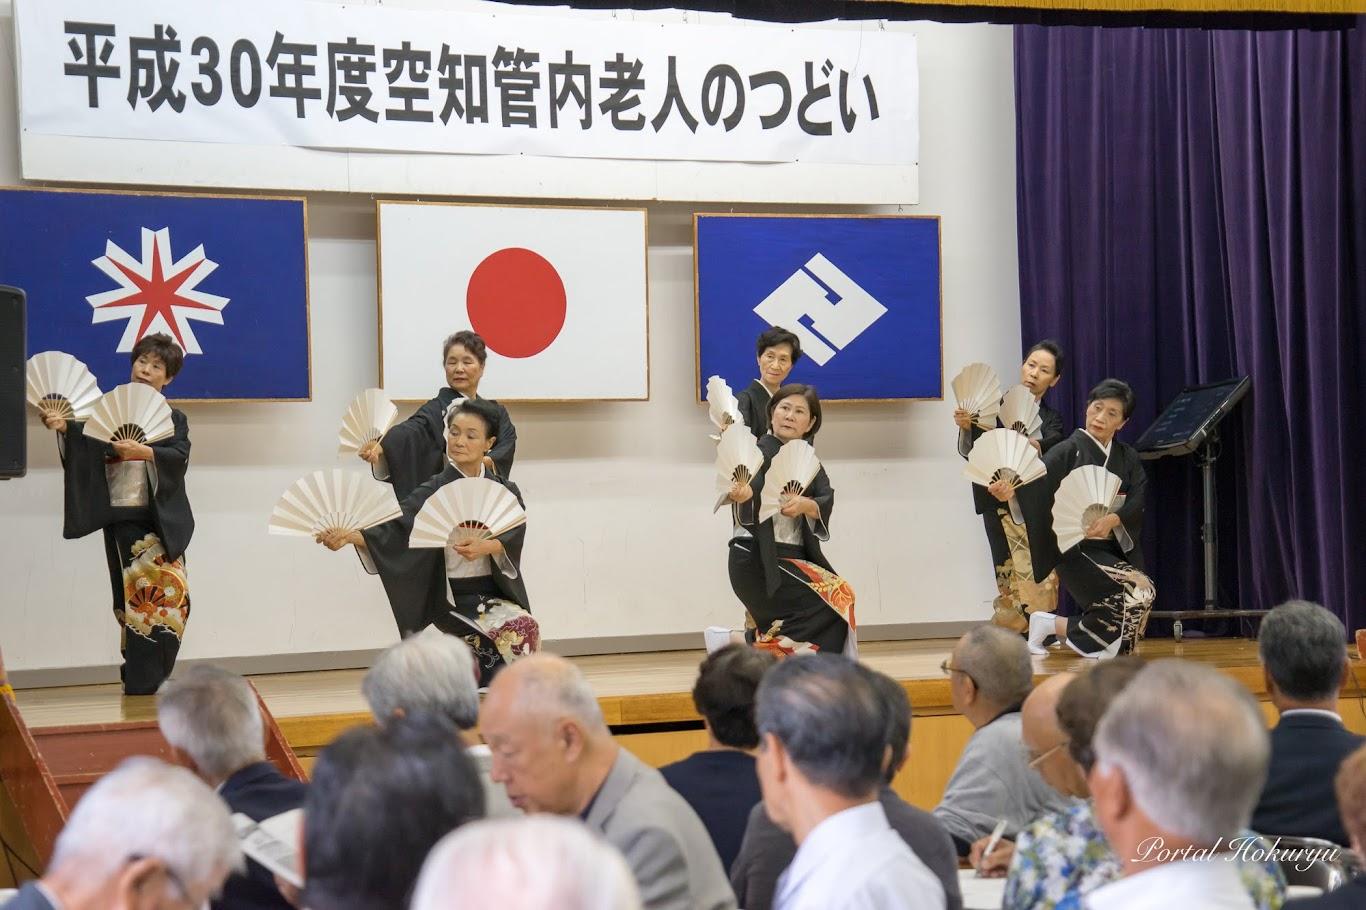 太田タカ子さん、 丸山世津子さん、 赤間 弘子 さん、古瀨鈴子さん、喜多村正子さん、山下ふじえさん、今幸子さん